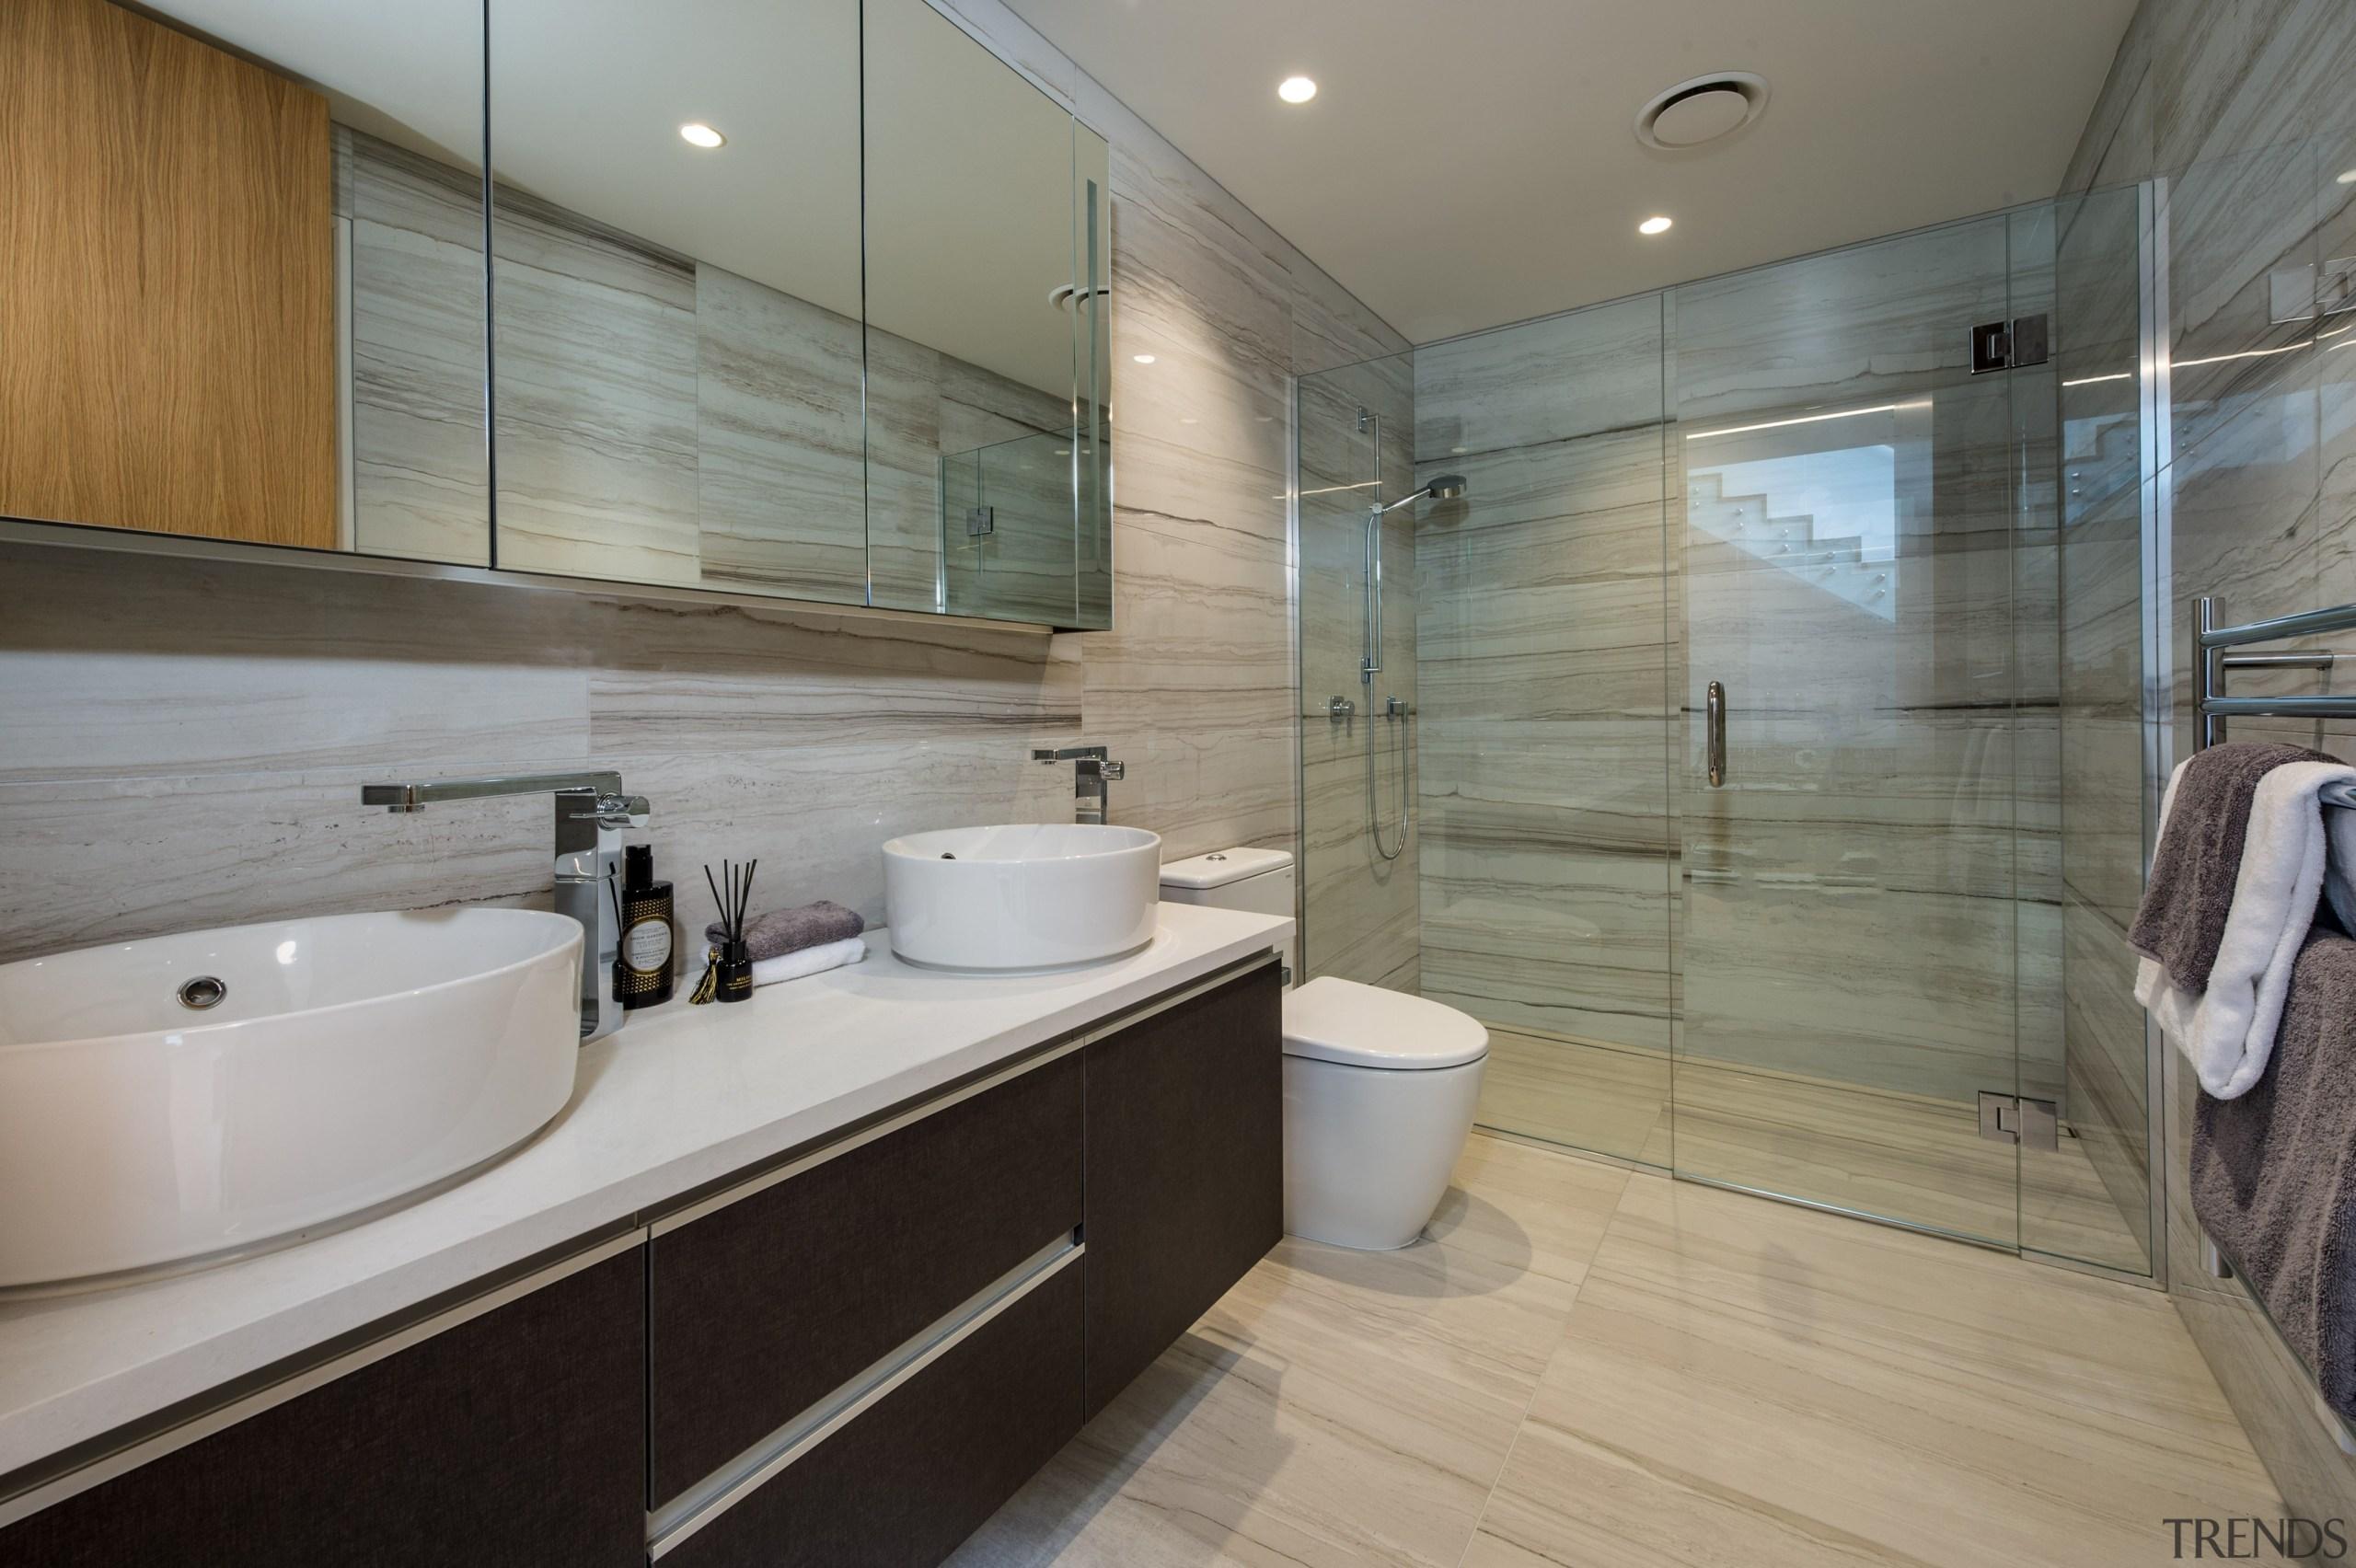 Bath - architecture | bathroom | home | architecture, bathroom, home, interior design, real estate, room, gray